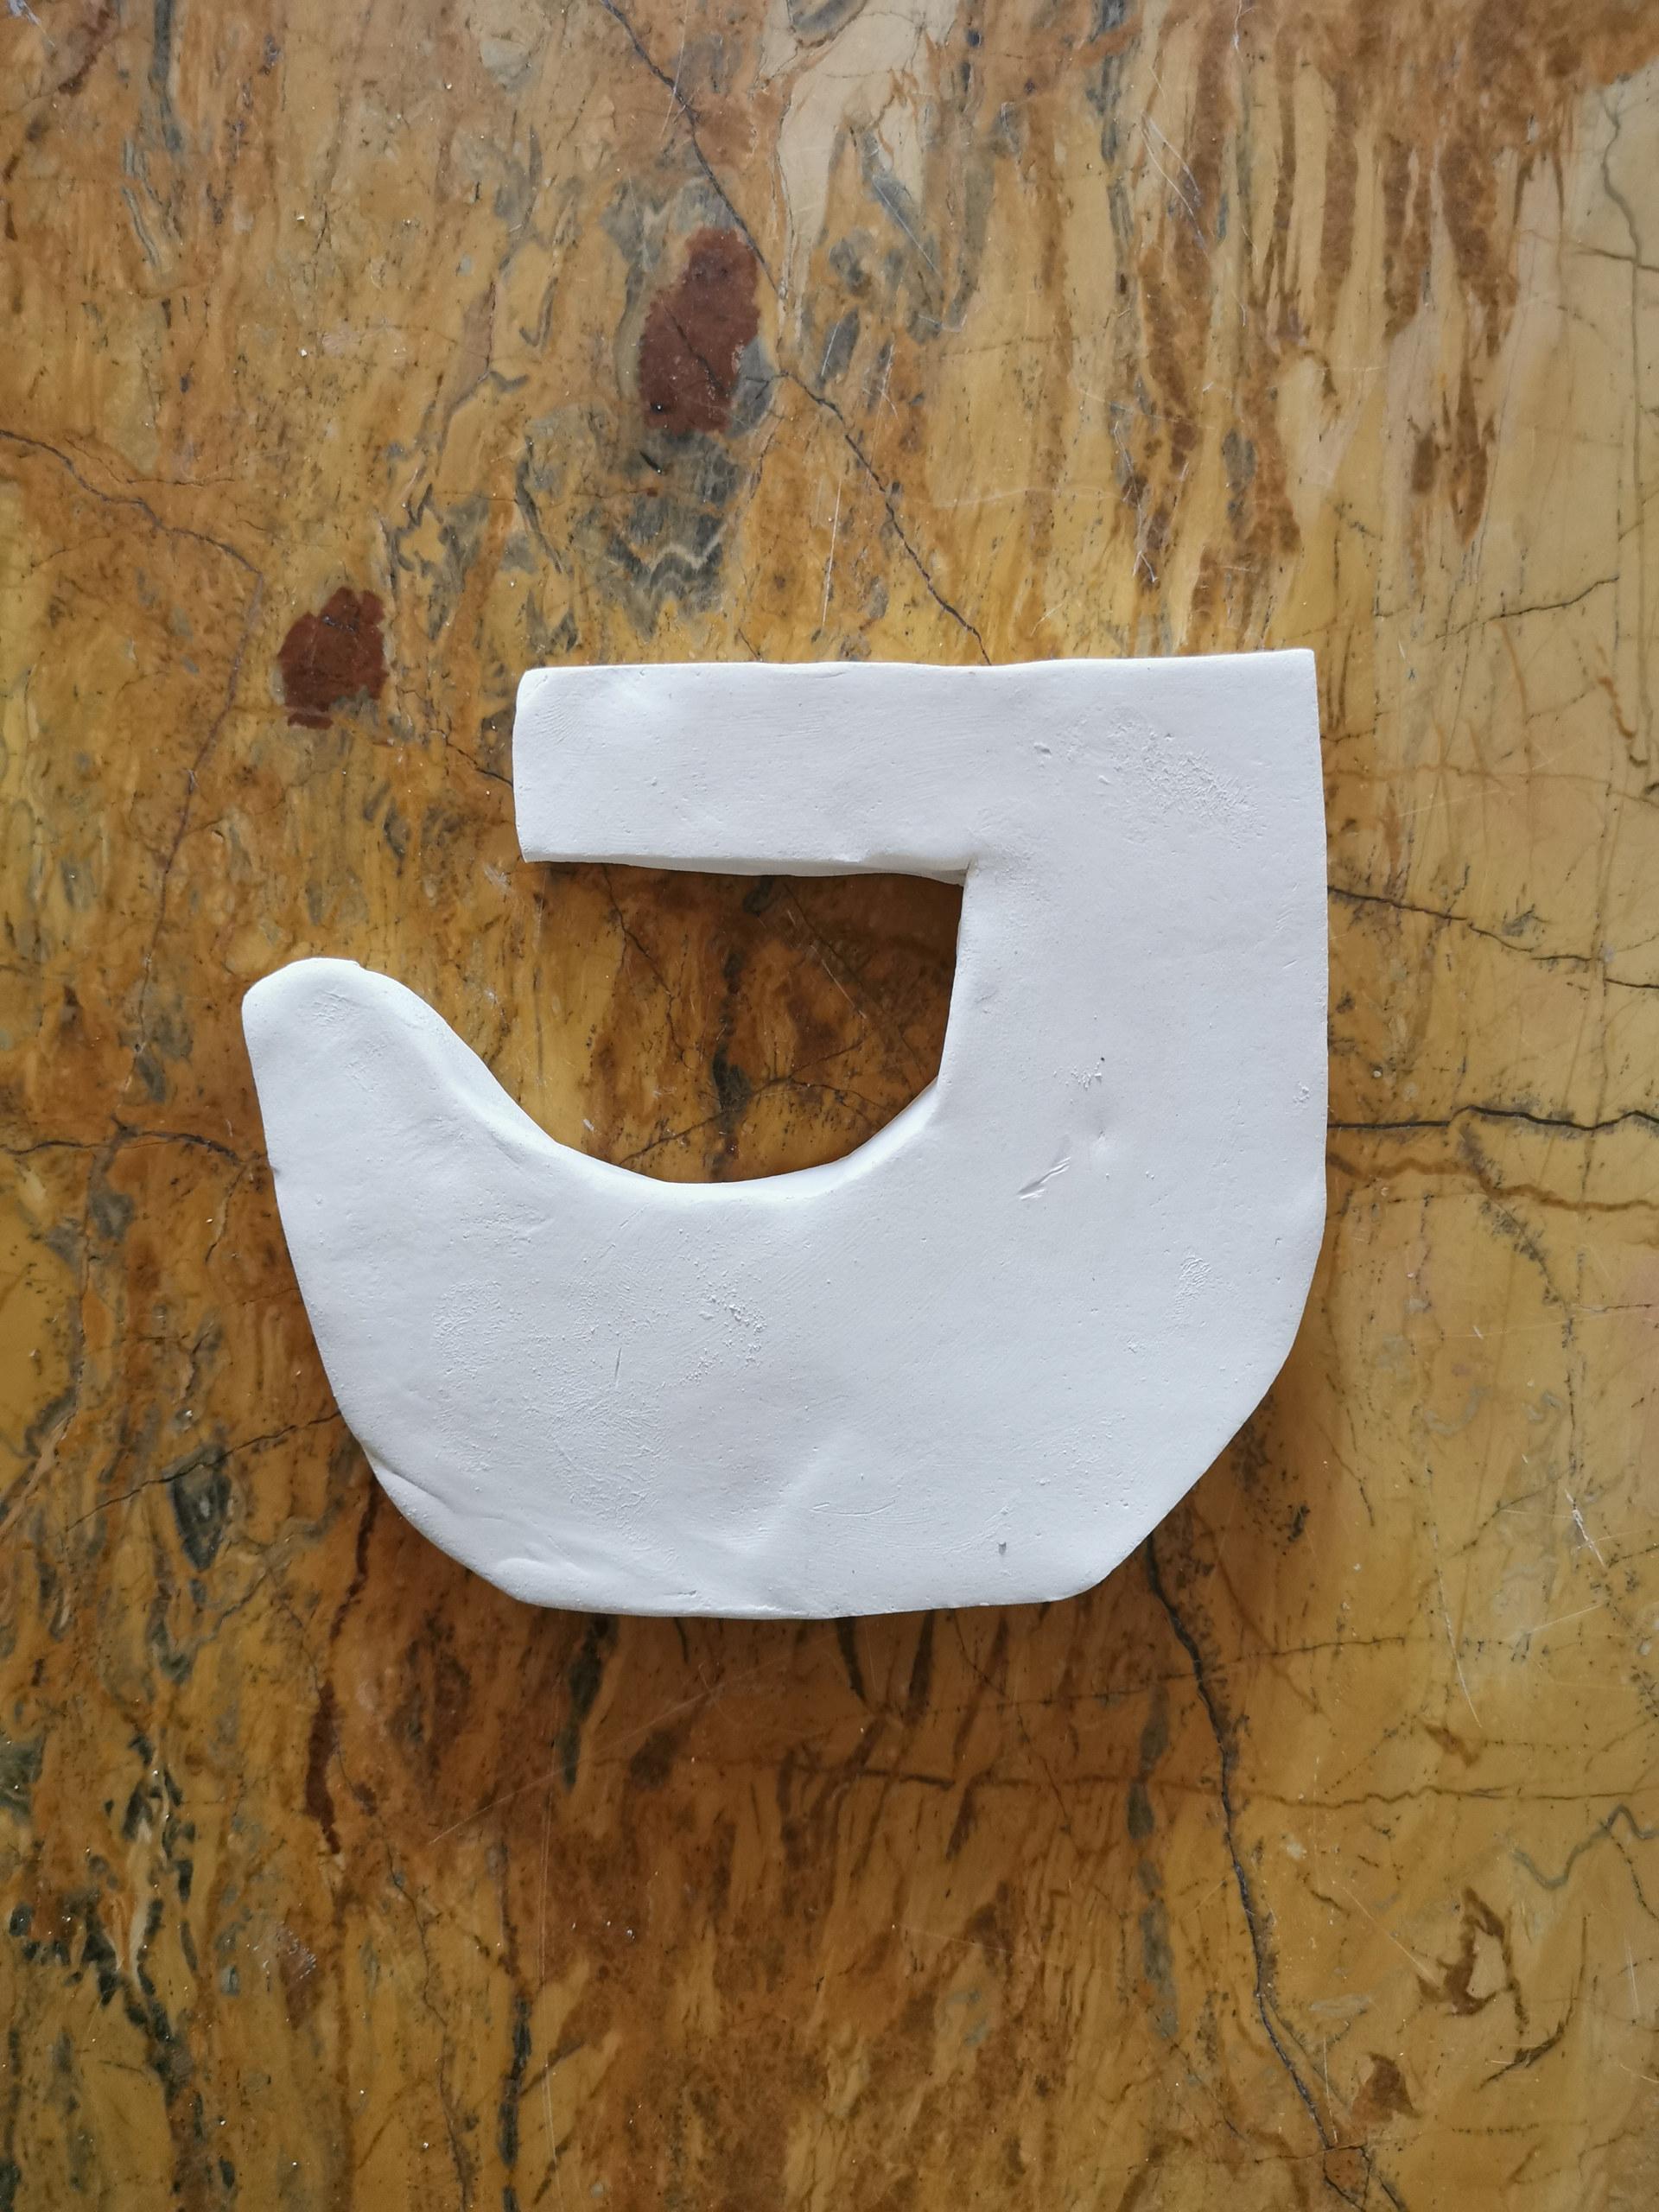 Forme fertile (petite) #12, juillet 2020, faience blanche, 13x12 cm, Virginie Hucher